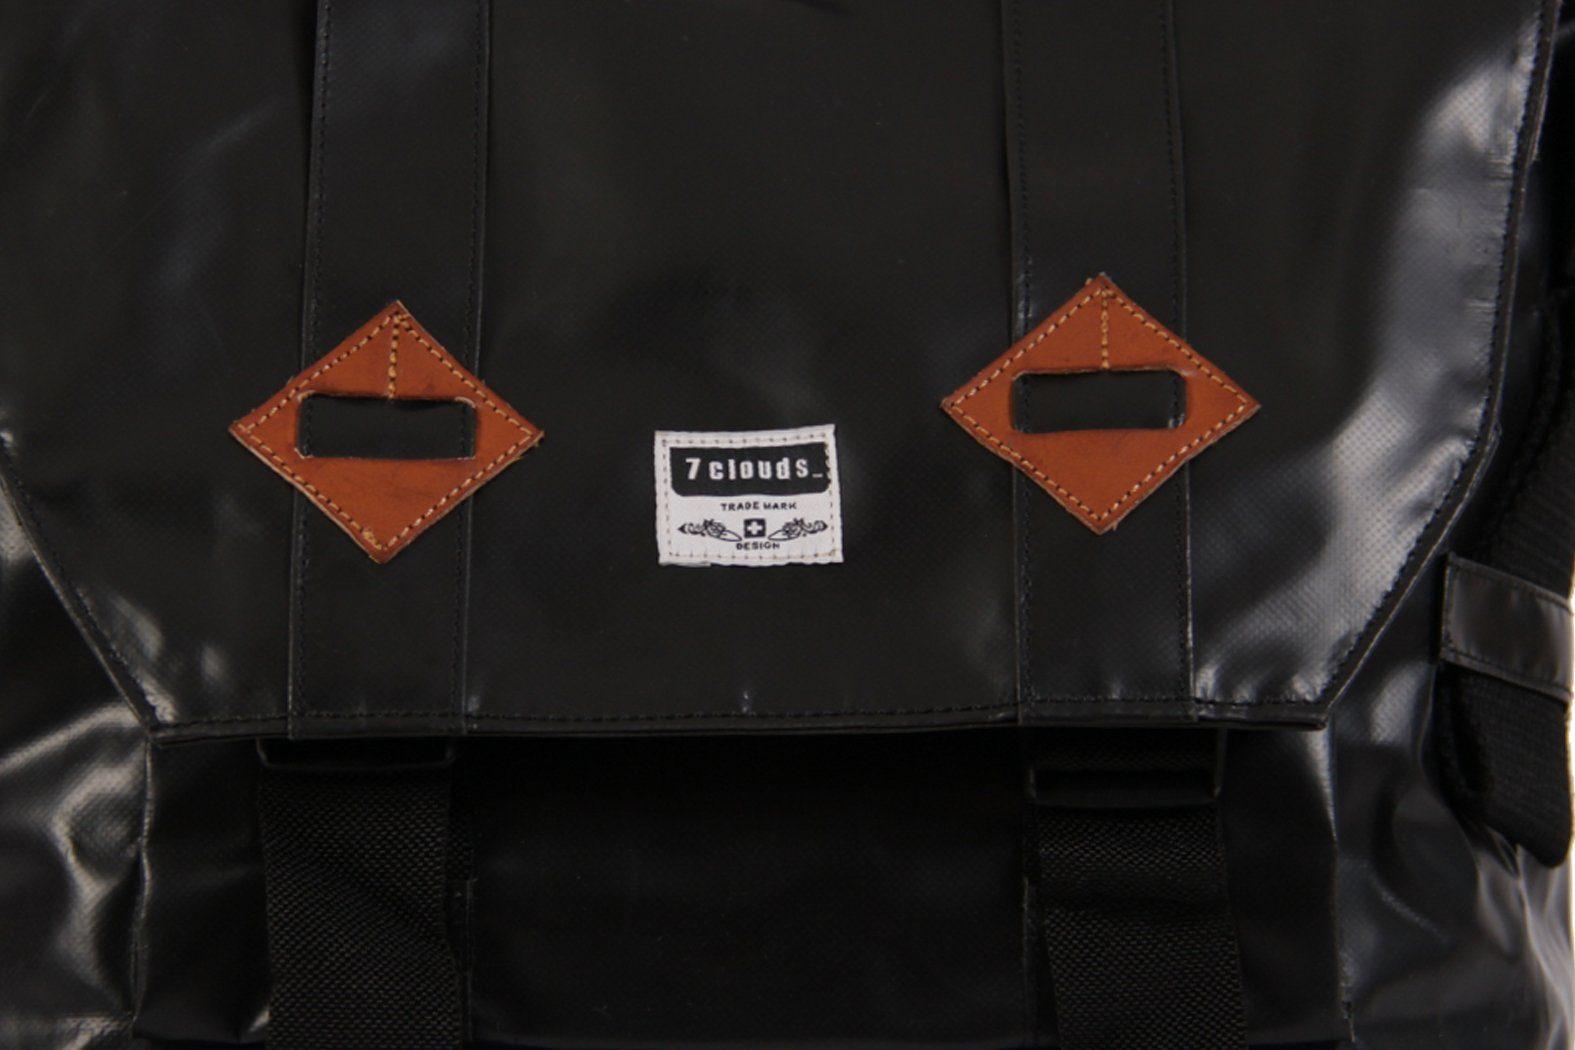 7clouds Damen IM SALE Taschen online 2020 | Jetzt bis zu 60